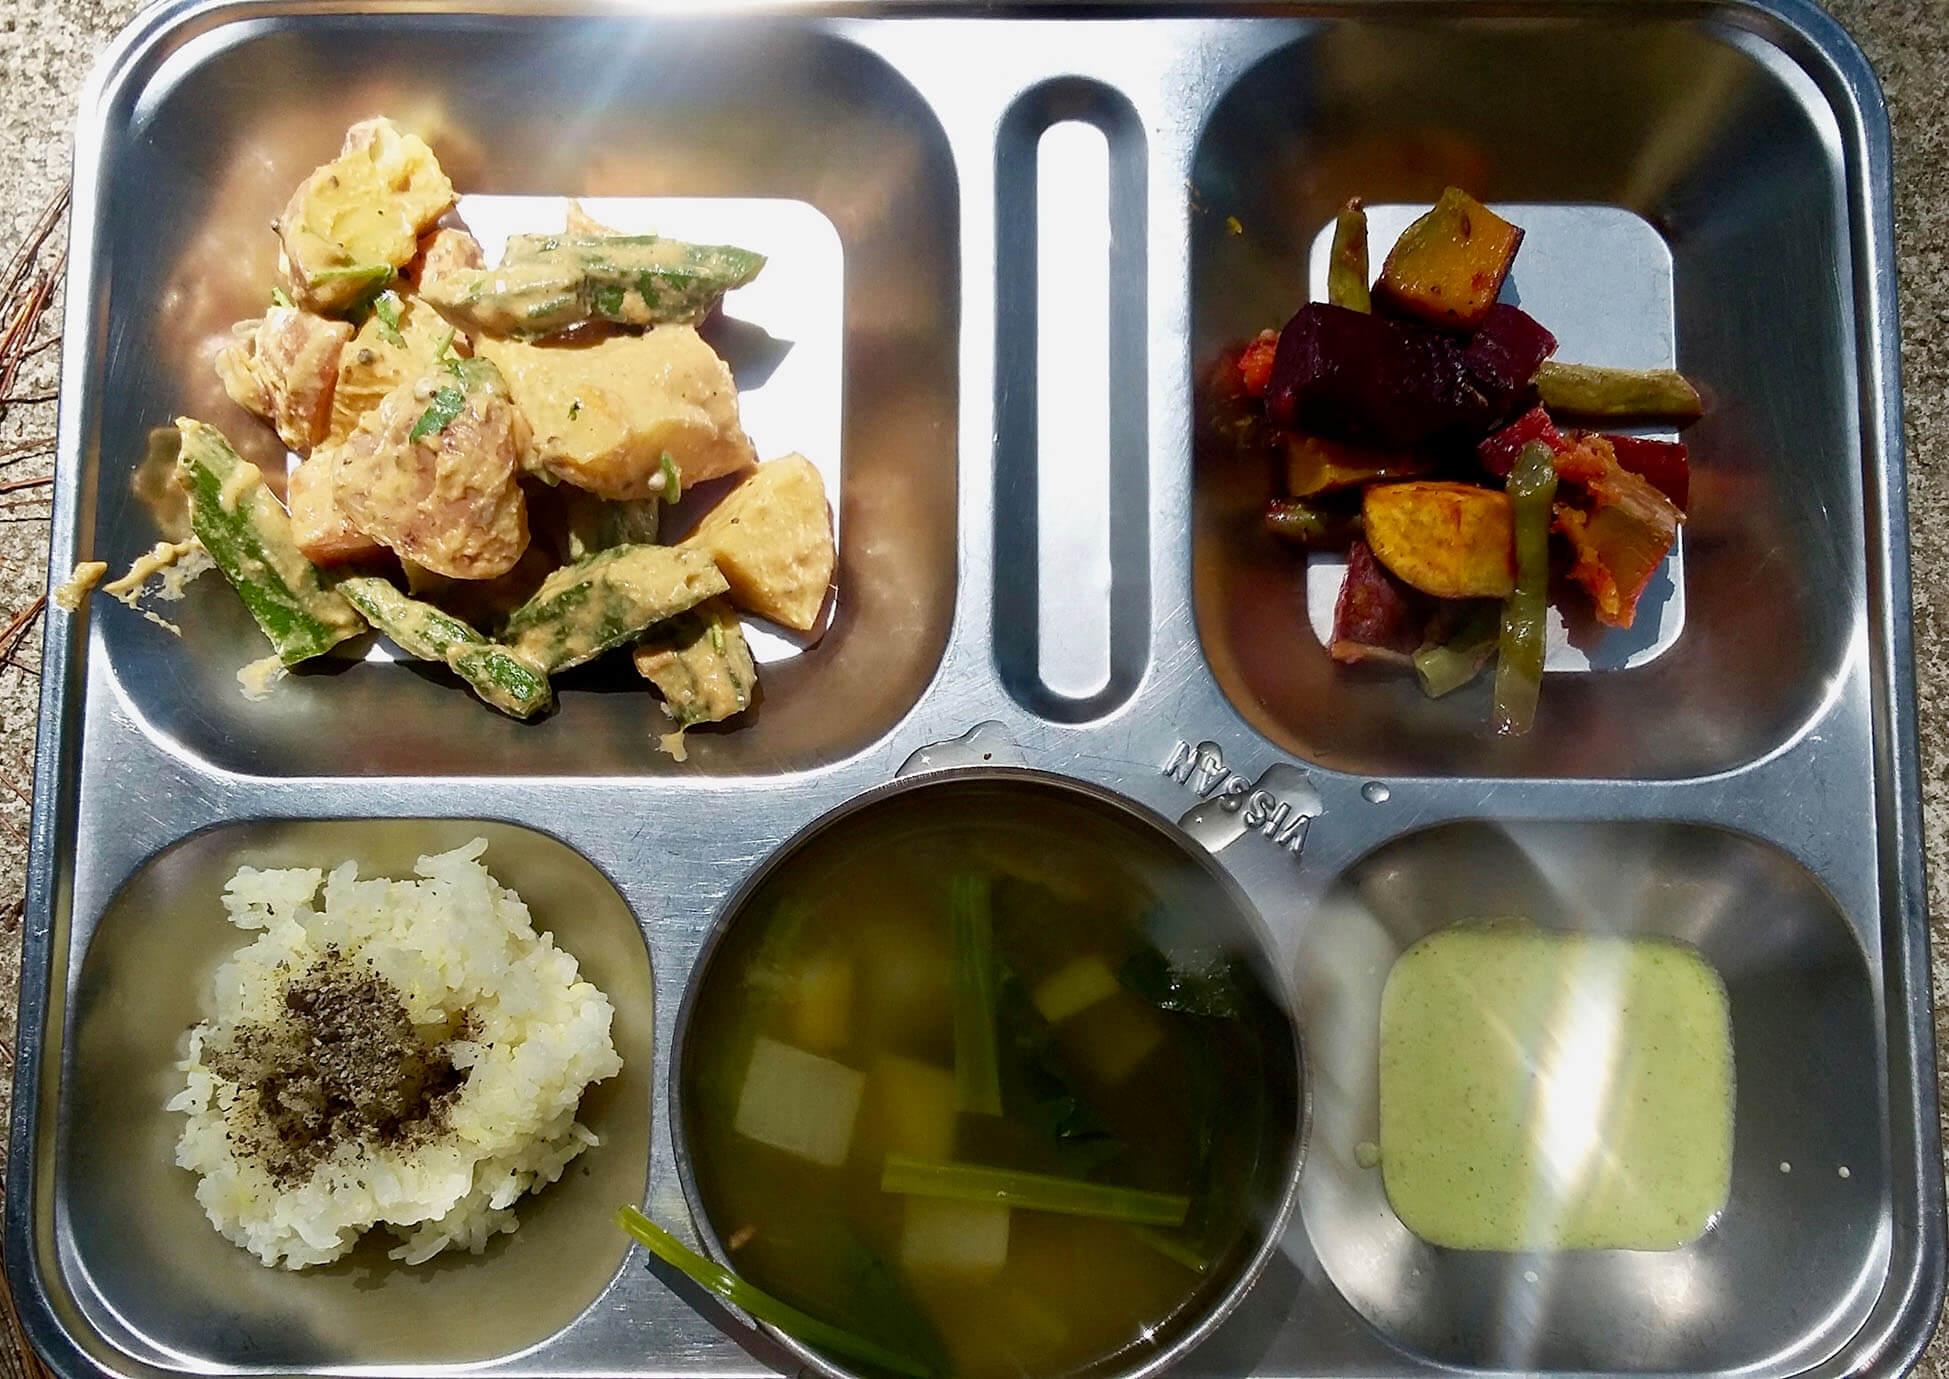 アシュラムのベジタリアン食